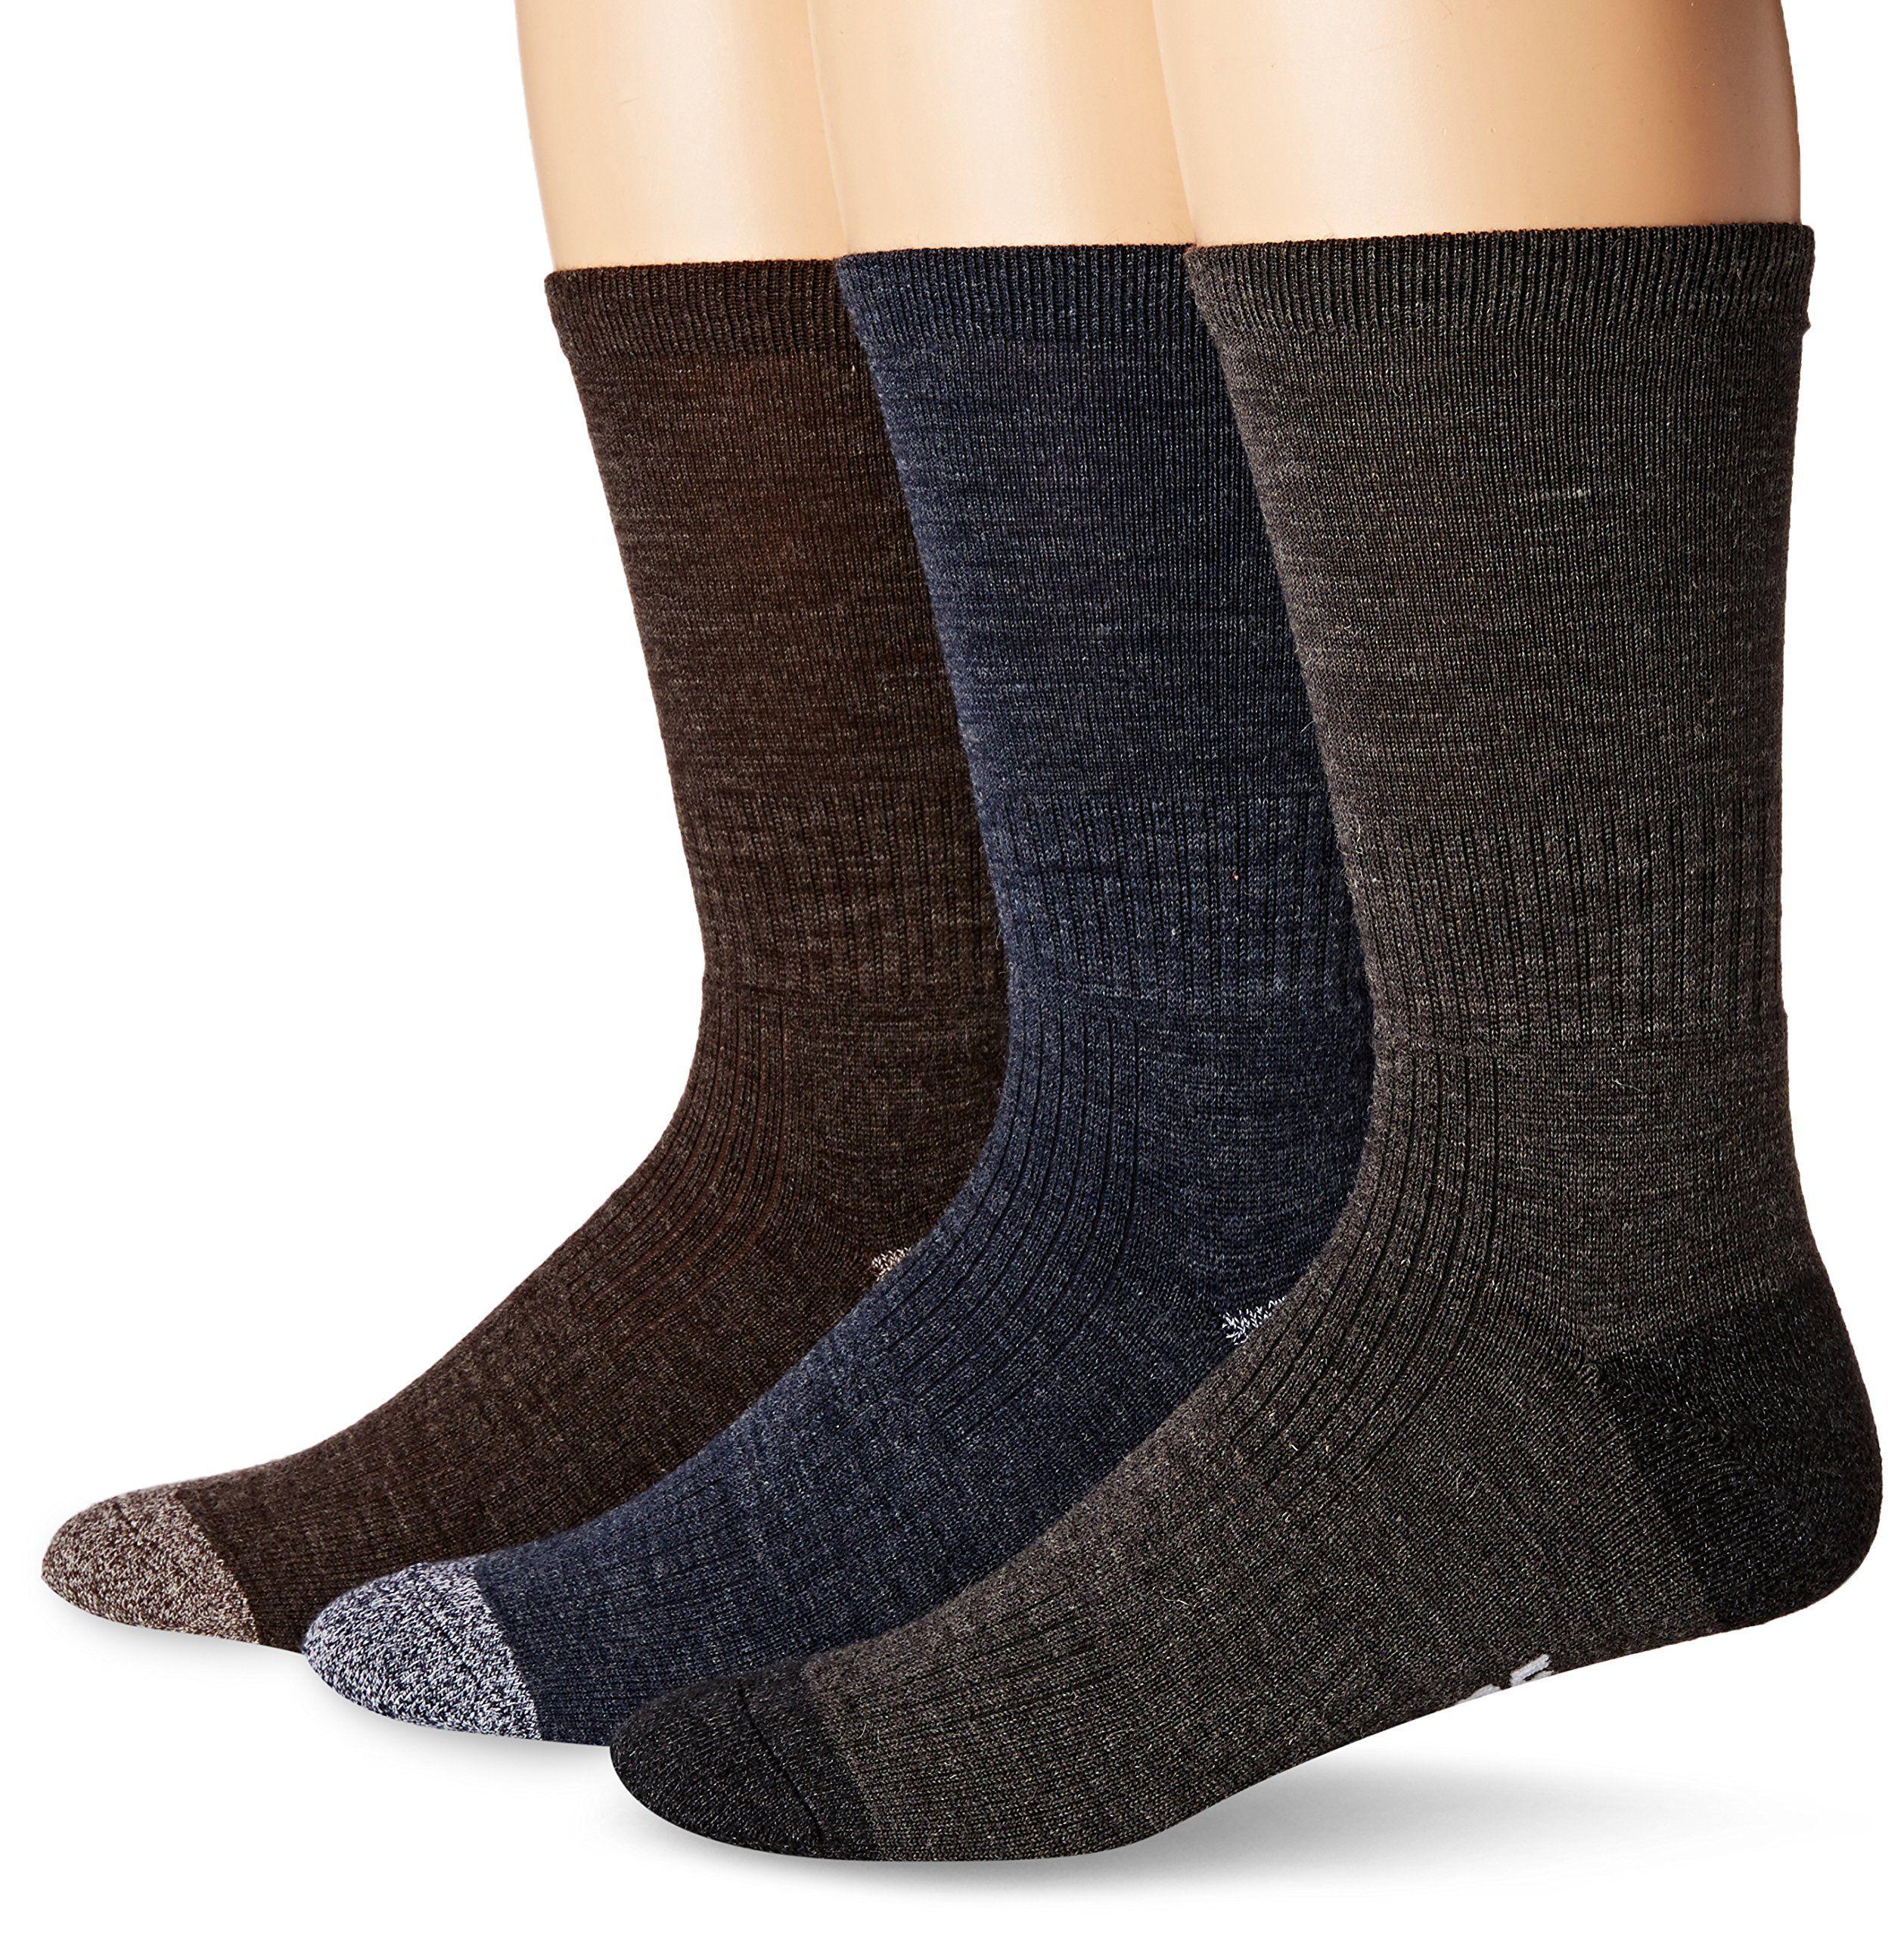 Skechers Mens 3 Pack Work Crew Sock Dark Brown 1013 Want